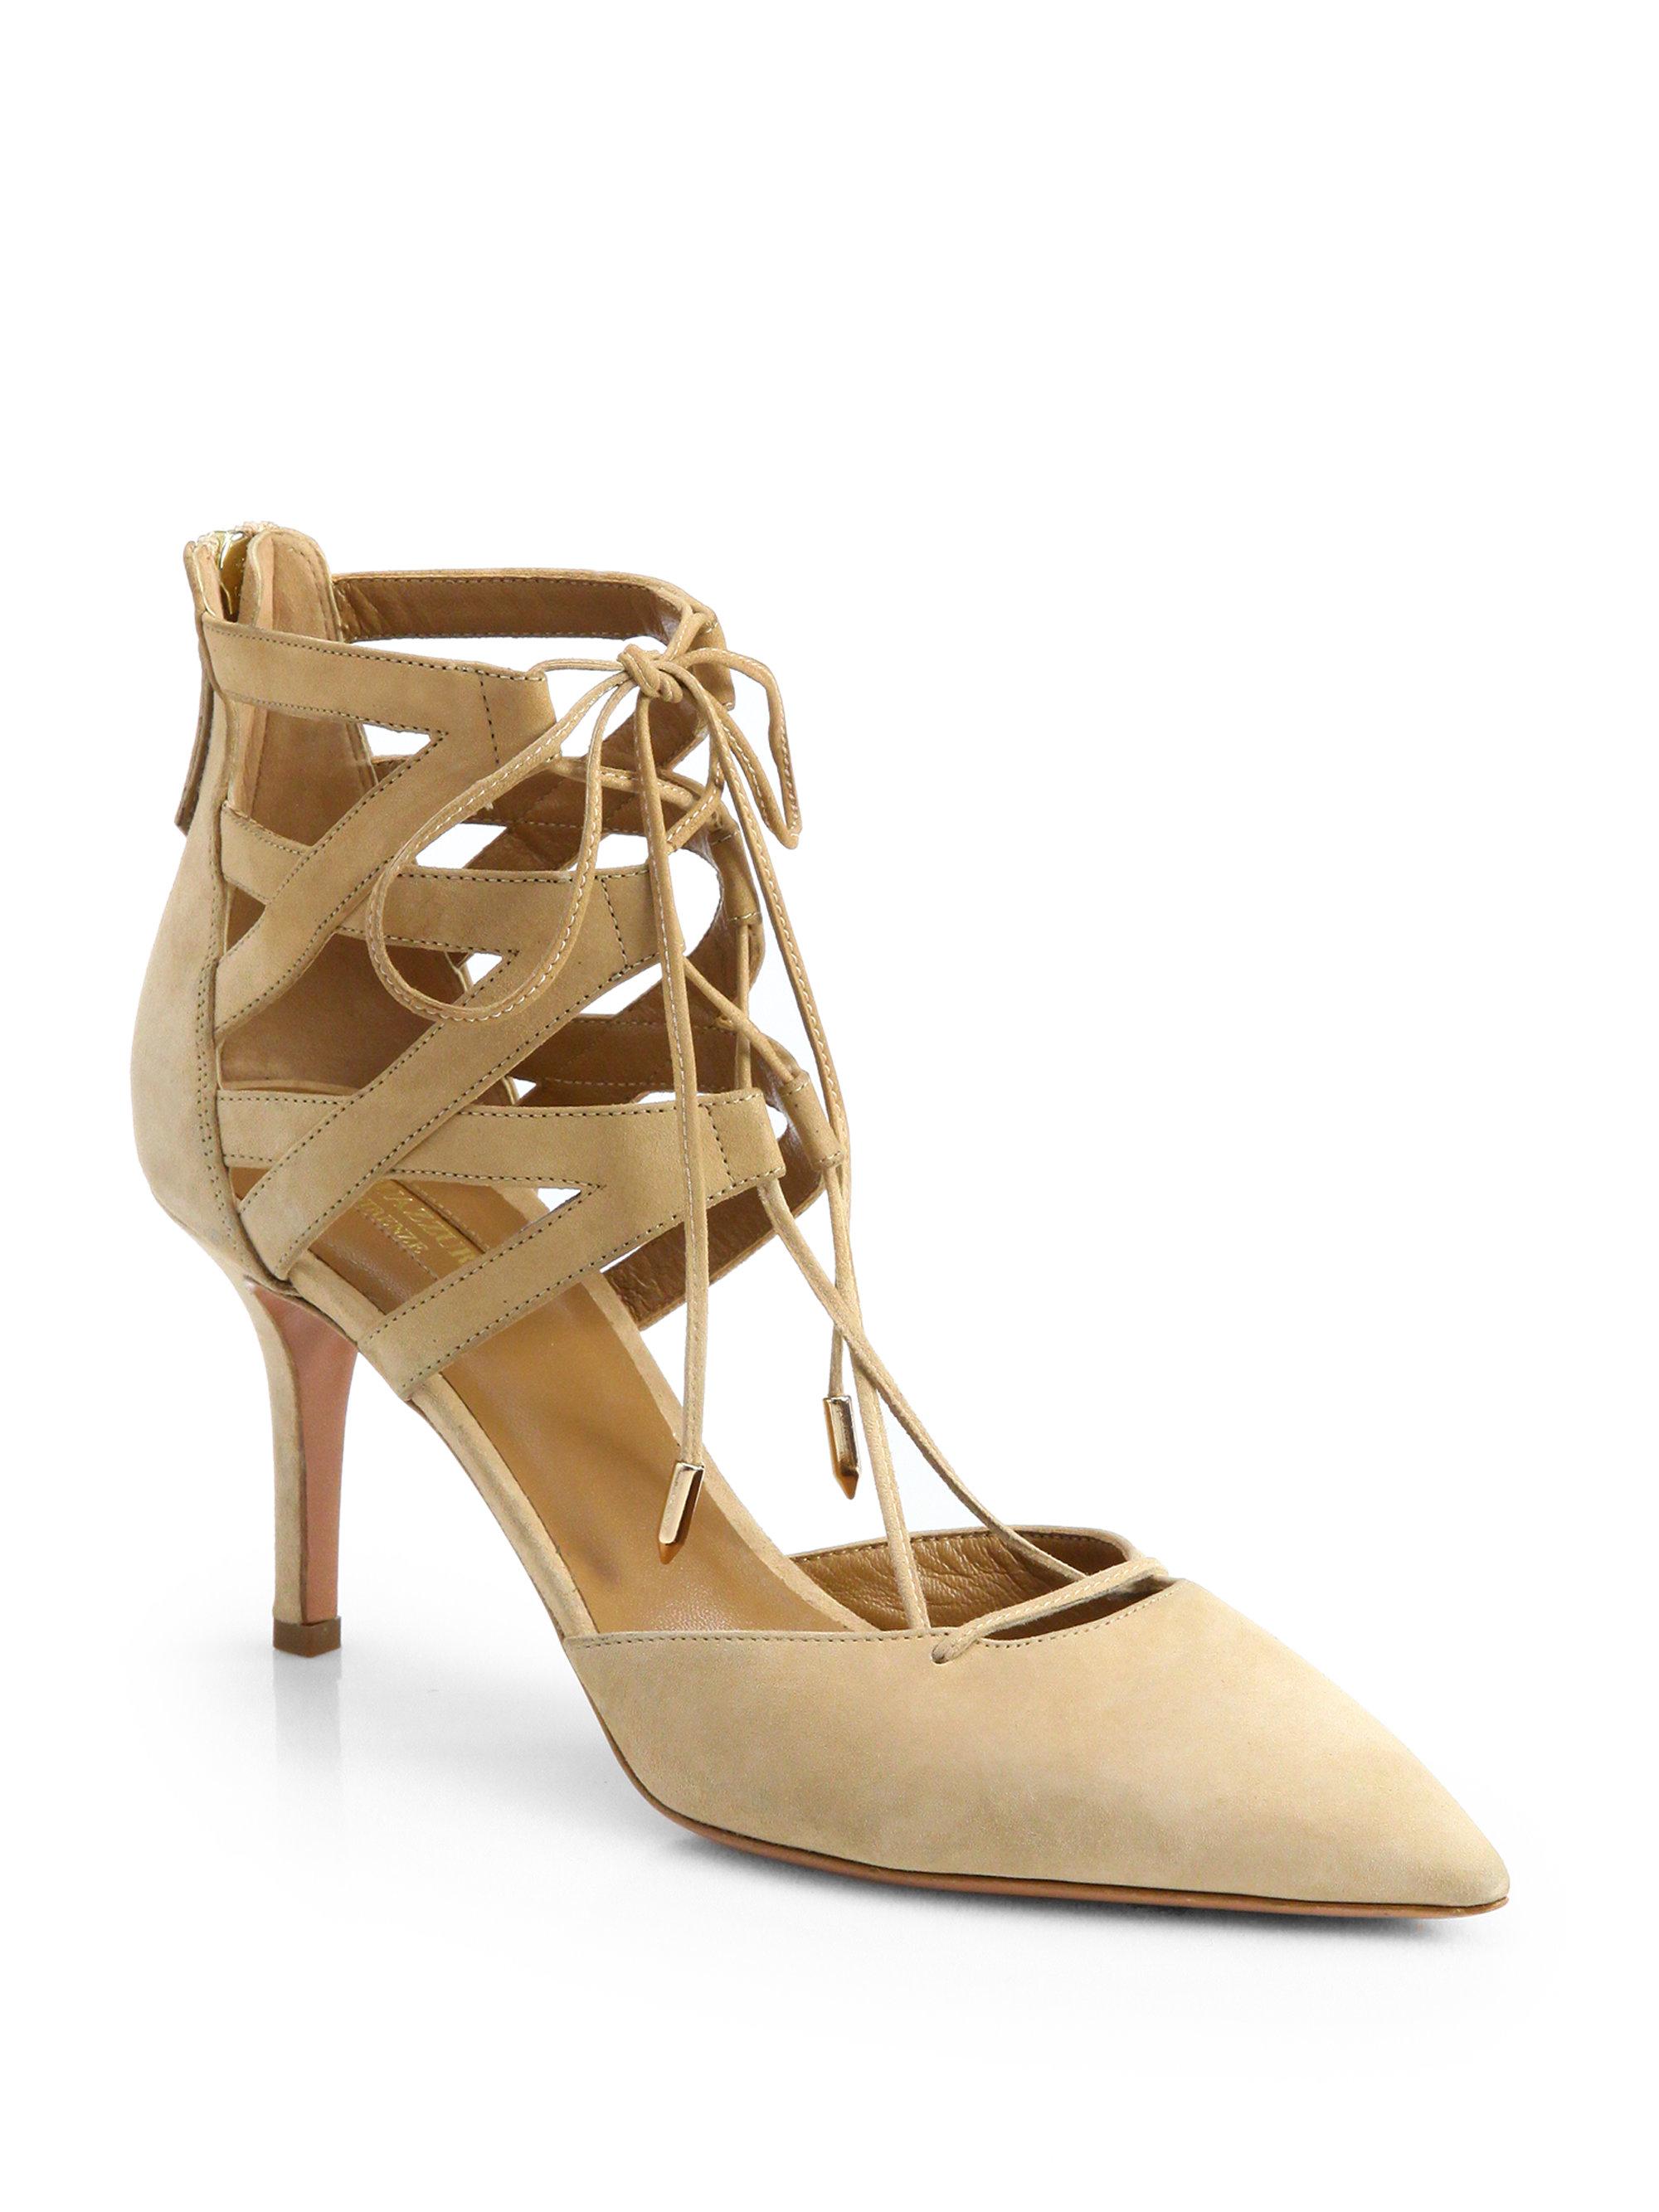 Aquazzura Shoes   Karlie Suede Laceup Pumps   Poshmark